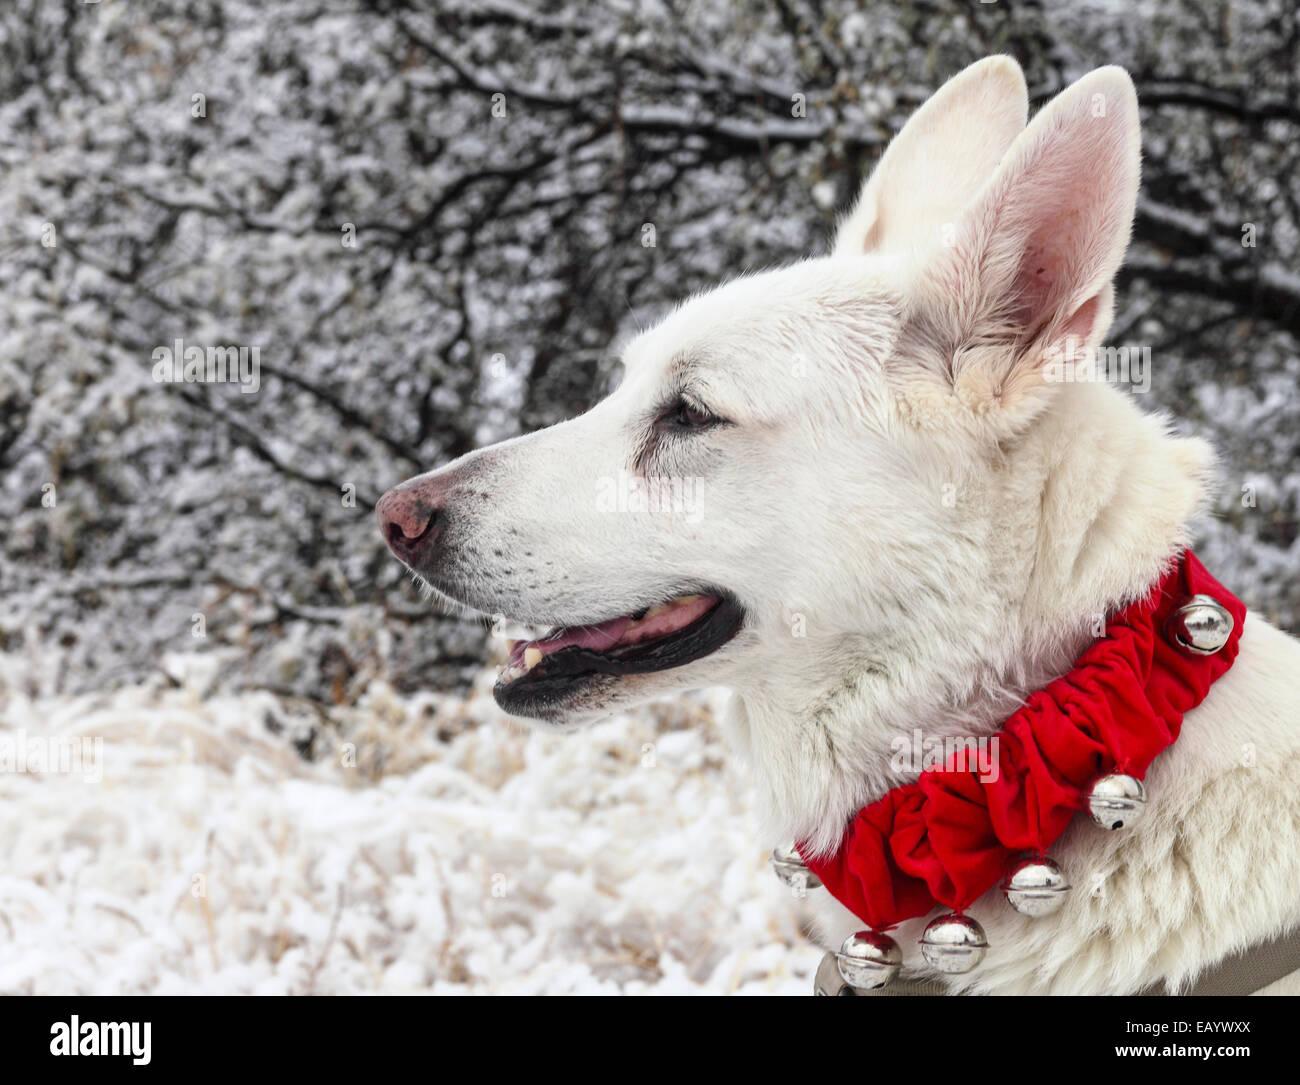 Dog Cactus Stock Photos & Dog Cactus Stock Images - Alamy